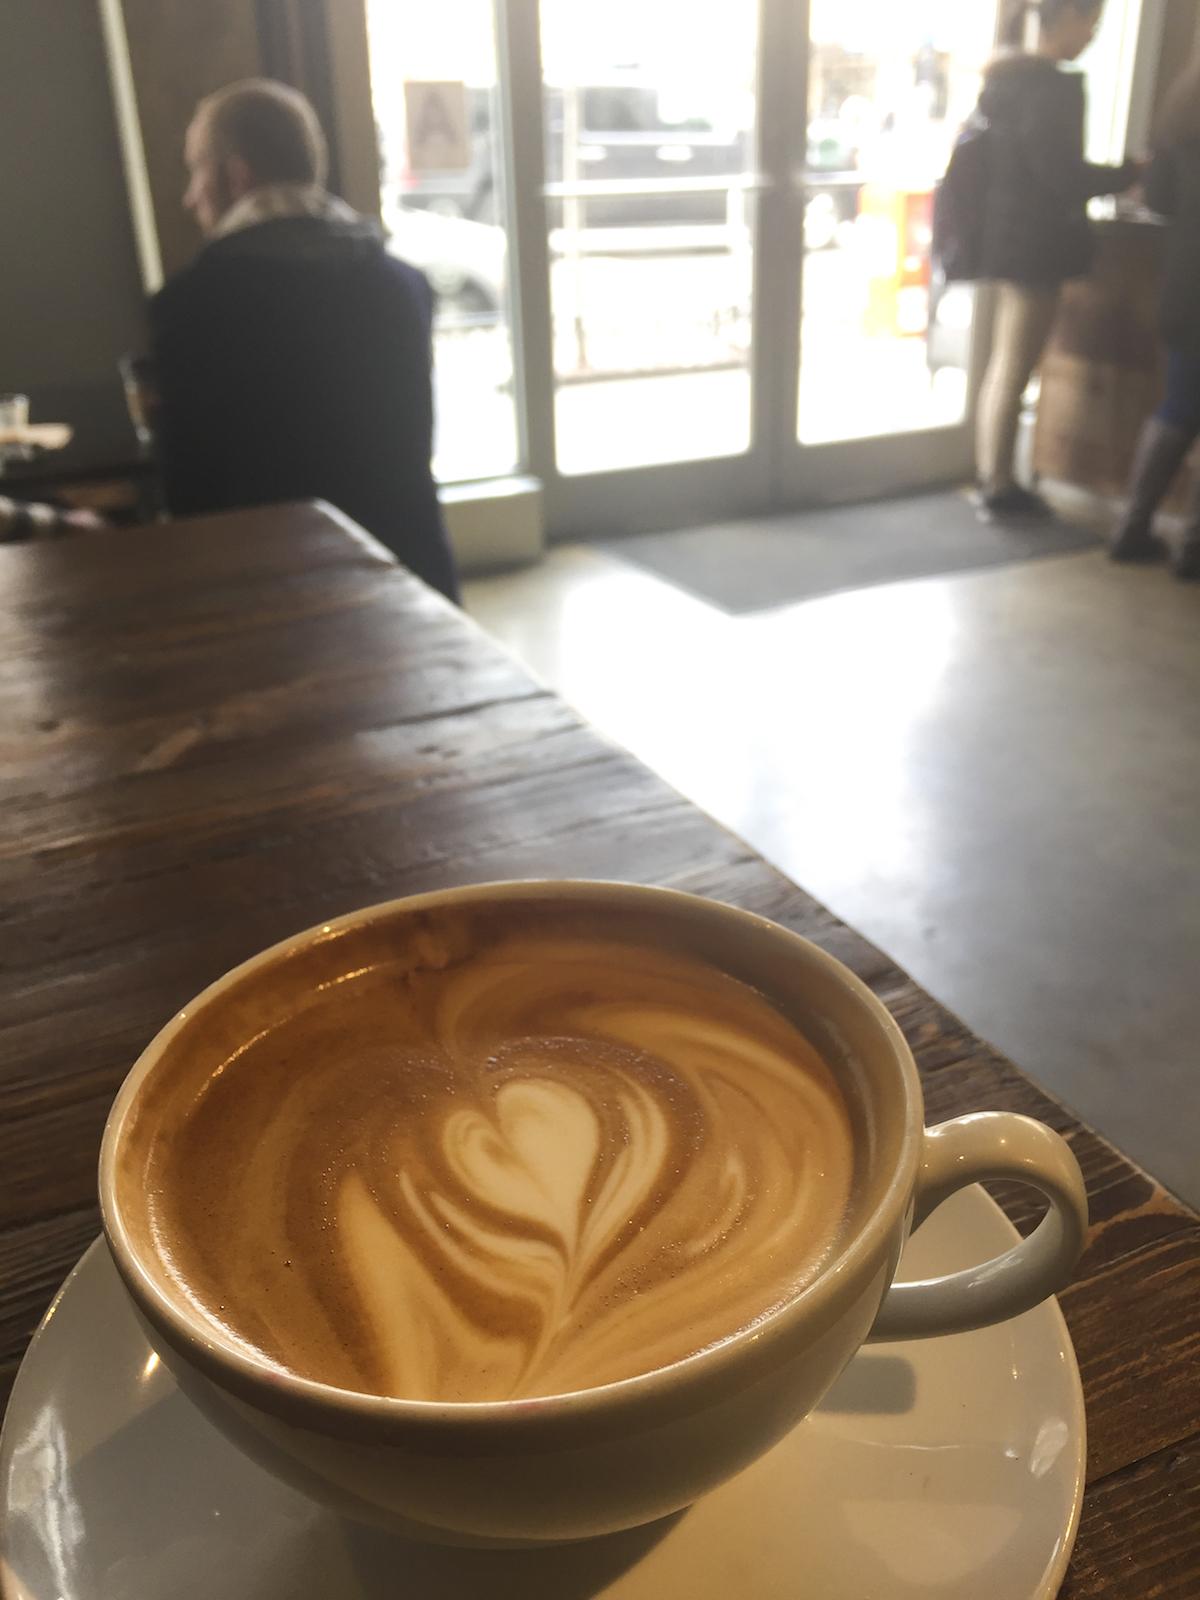 FTM_BEAN&NEAN COFFE_NYC_1